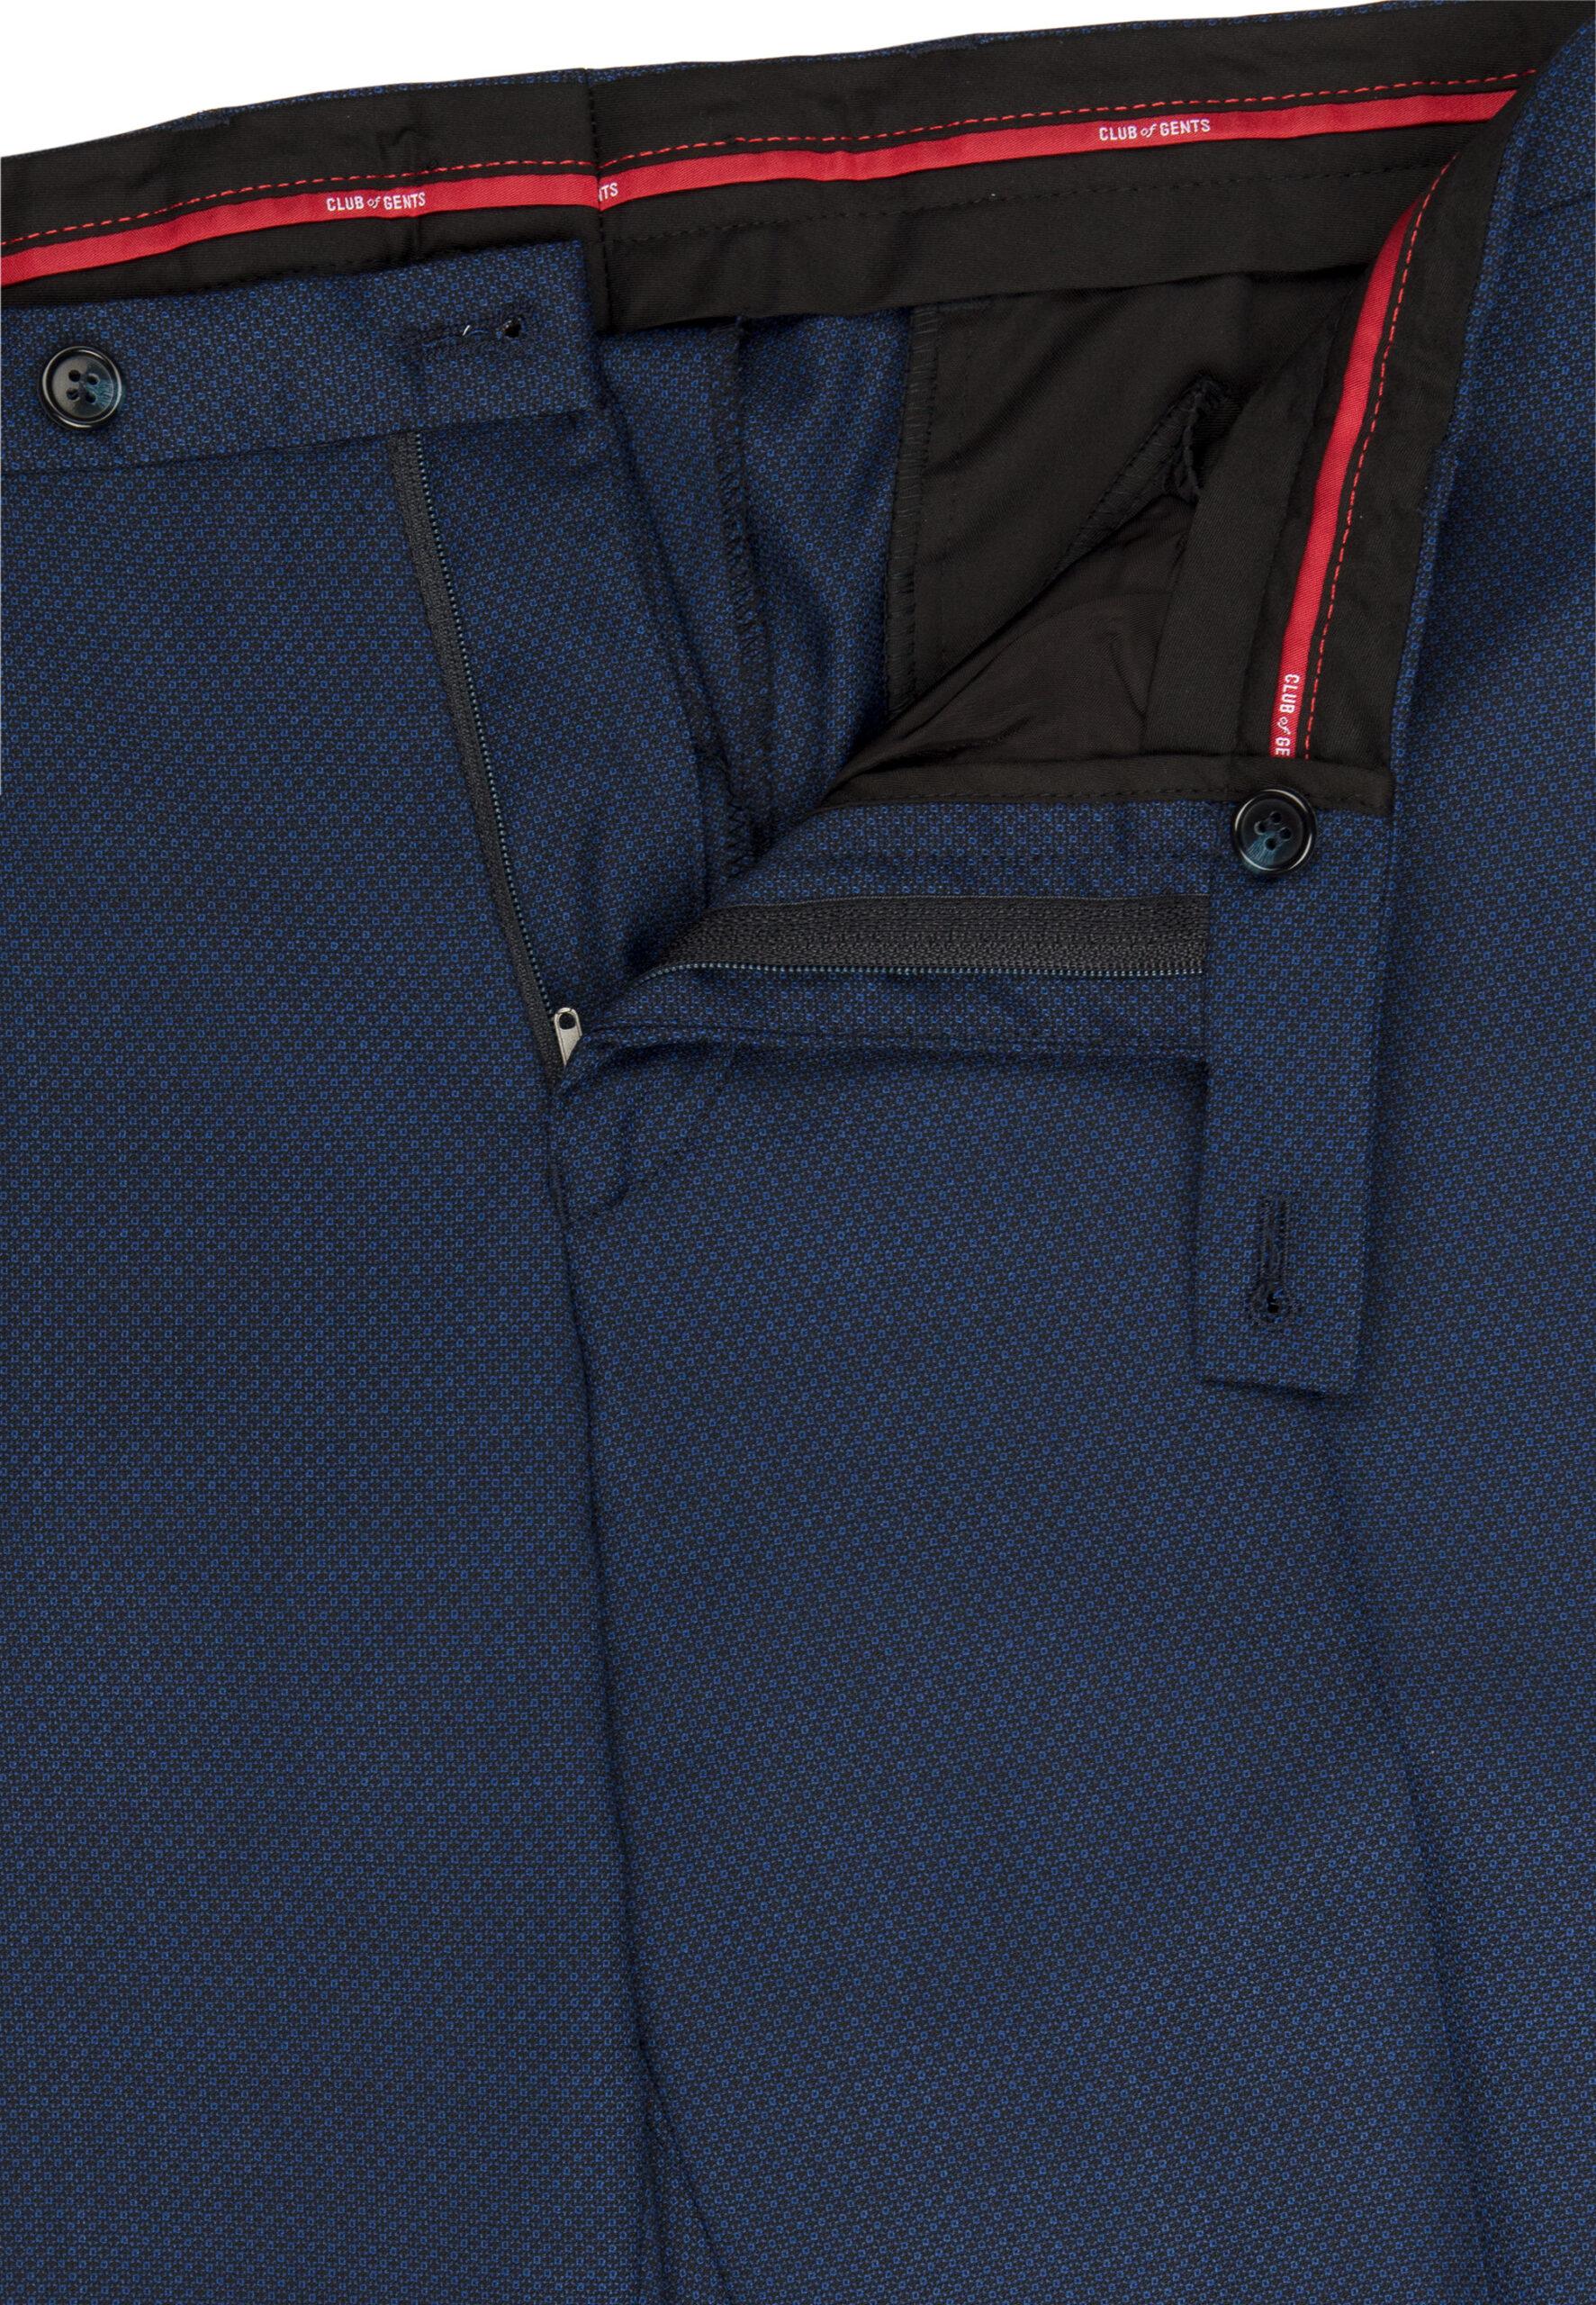 60-111S1-62 broek detail